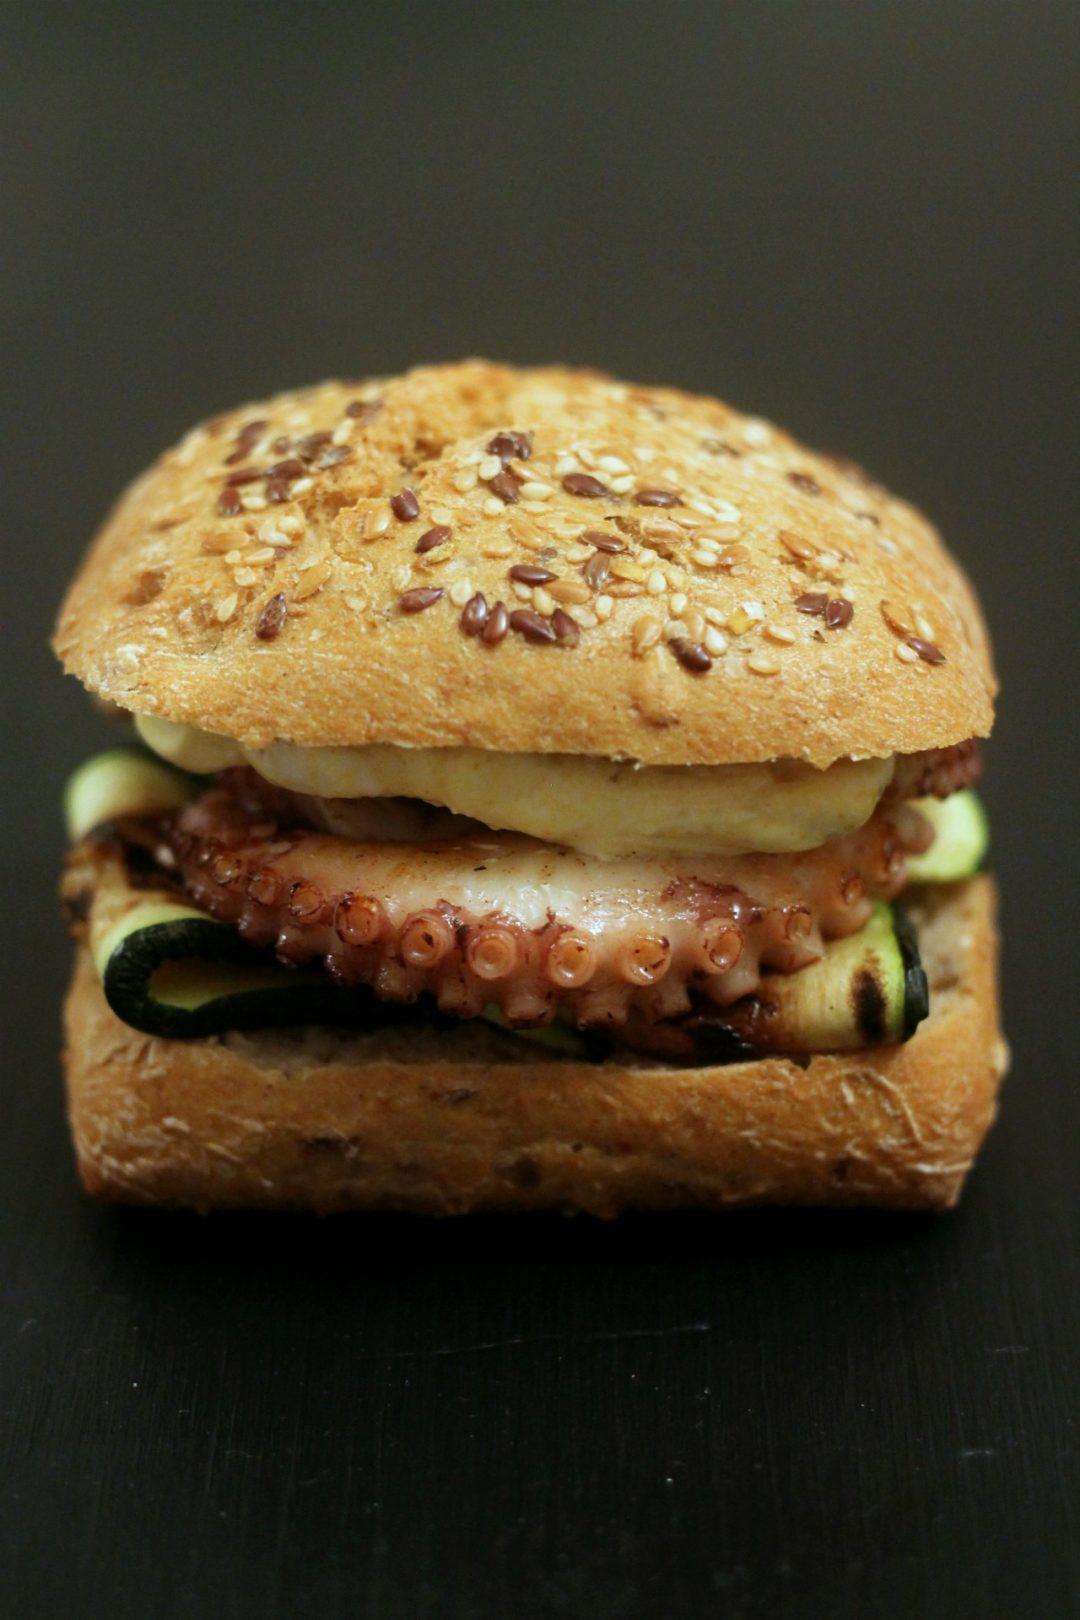 panino-al-polpo-con-zucchine-grigliate-e-crema-di-skyr-allo-zafferano